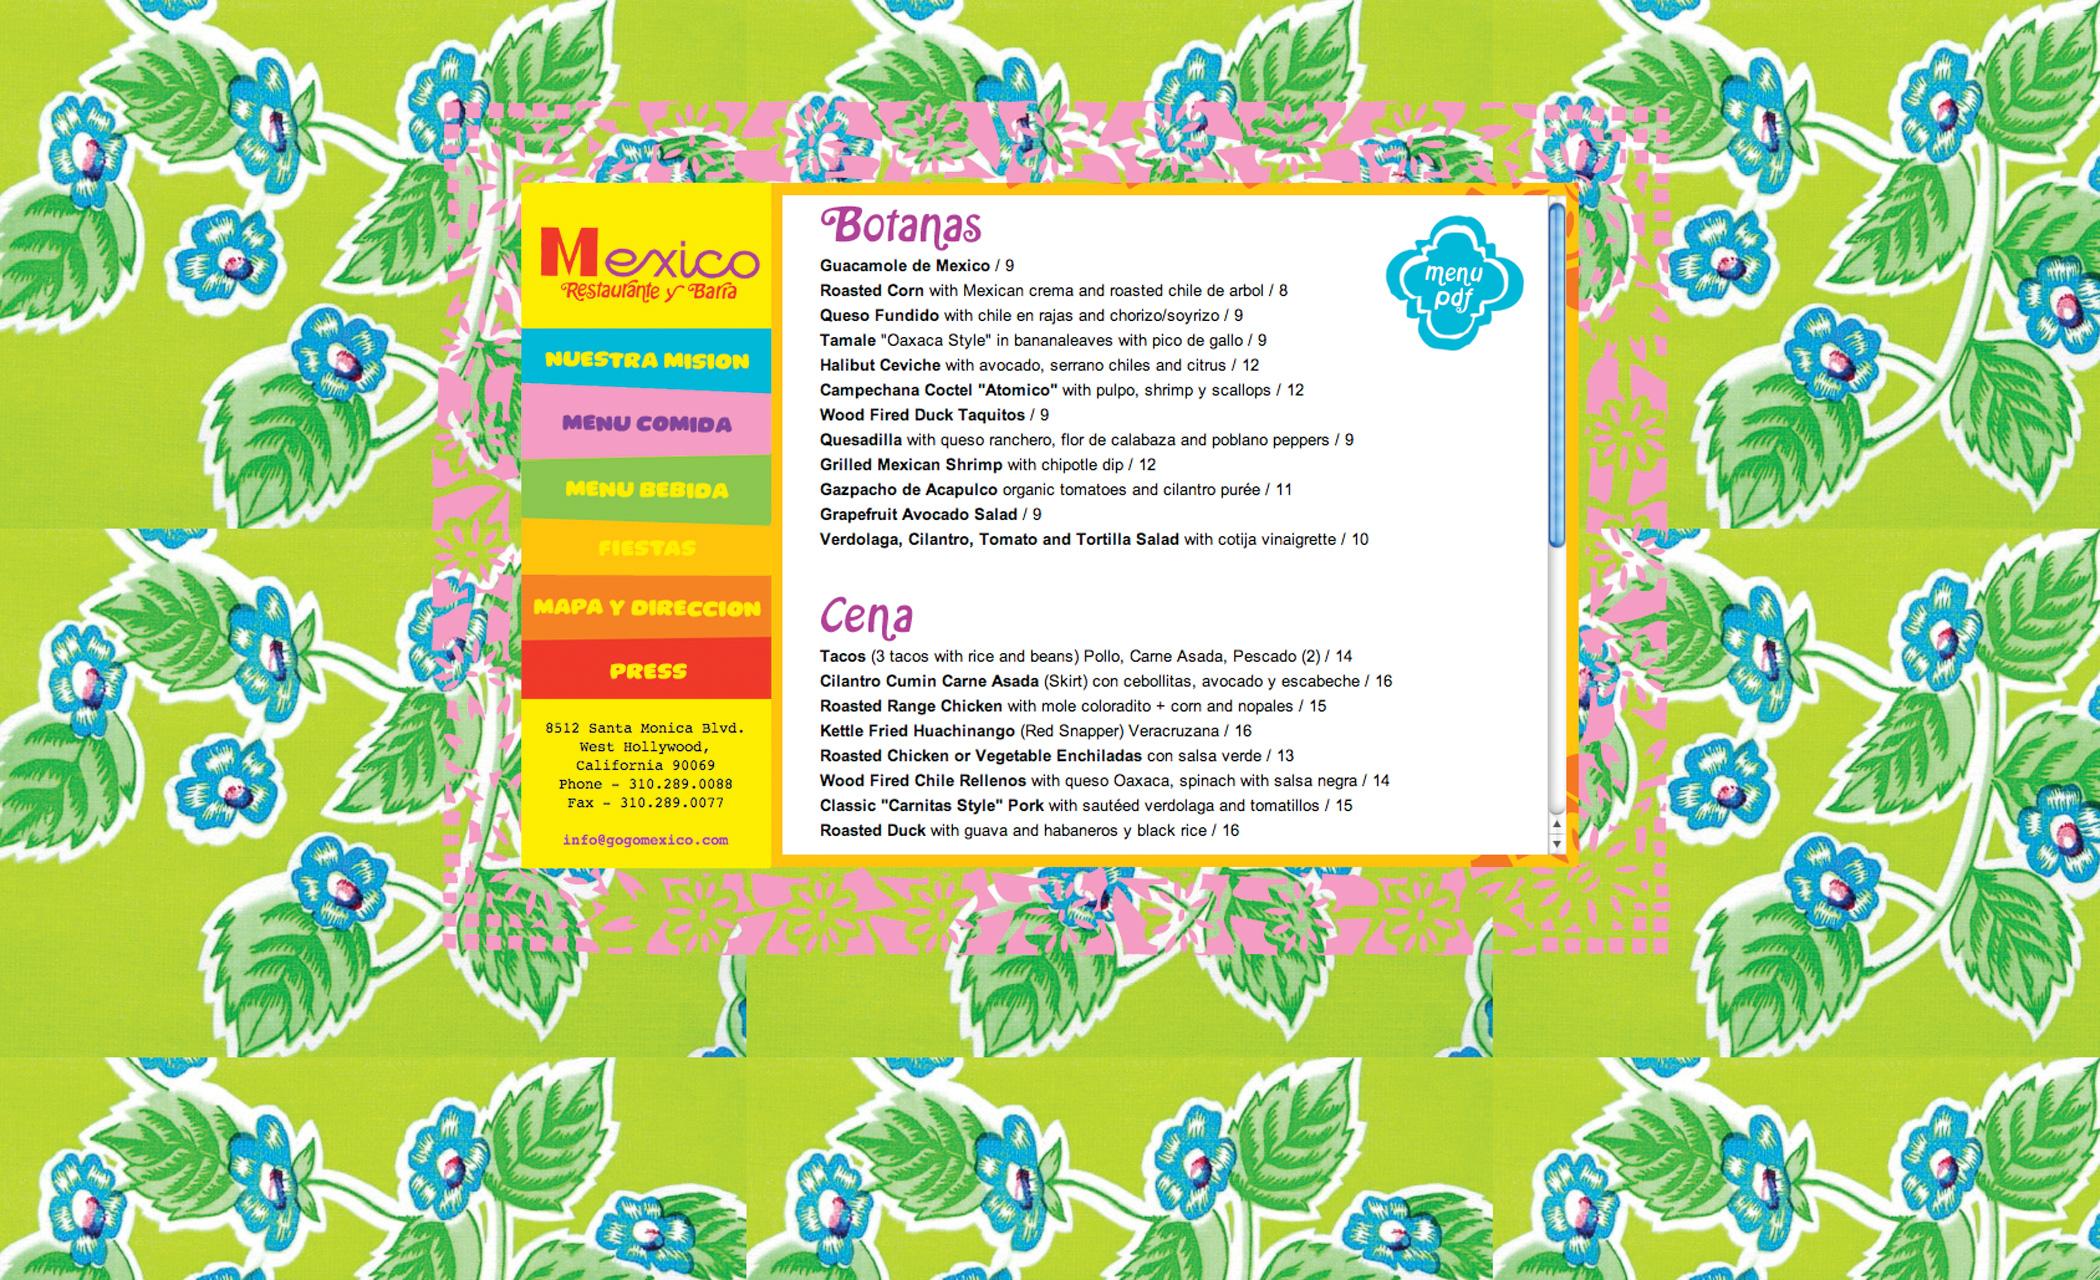 mexico_menu_comida.jpg